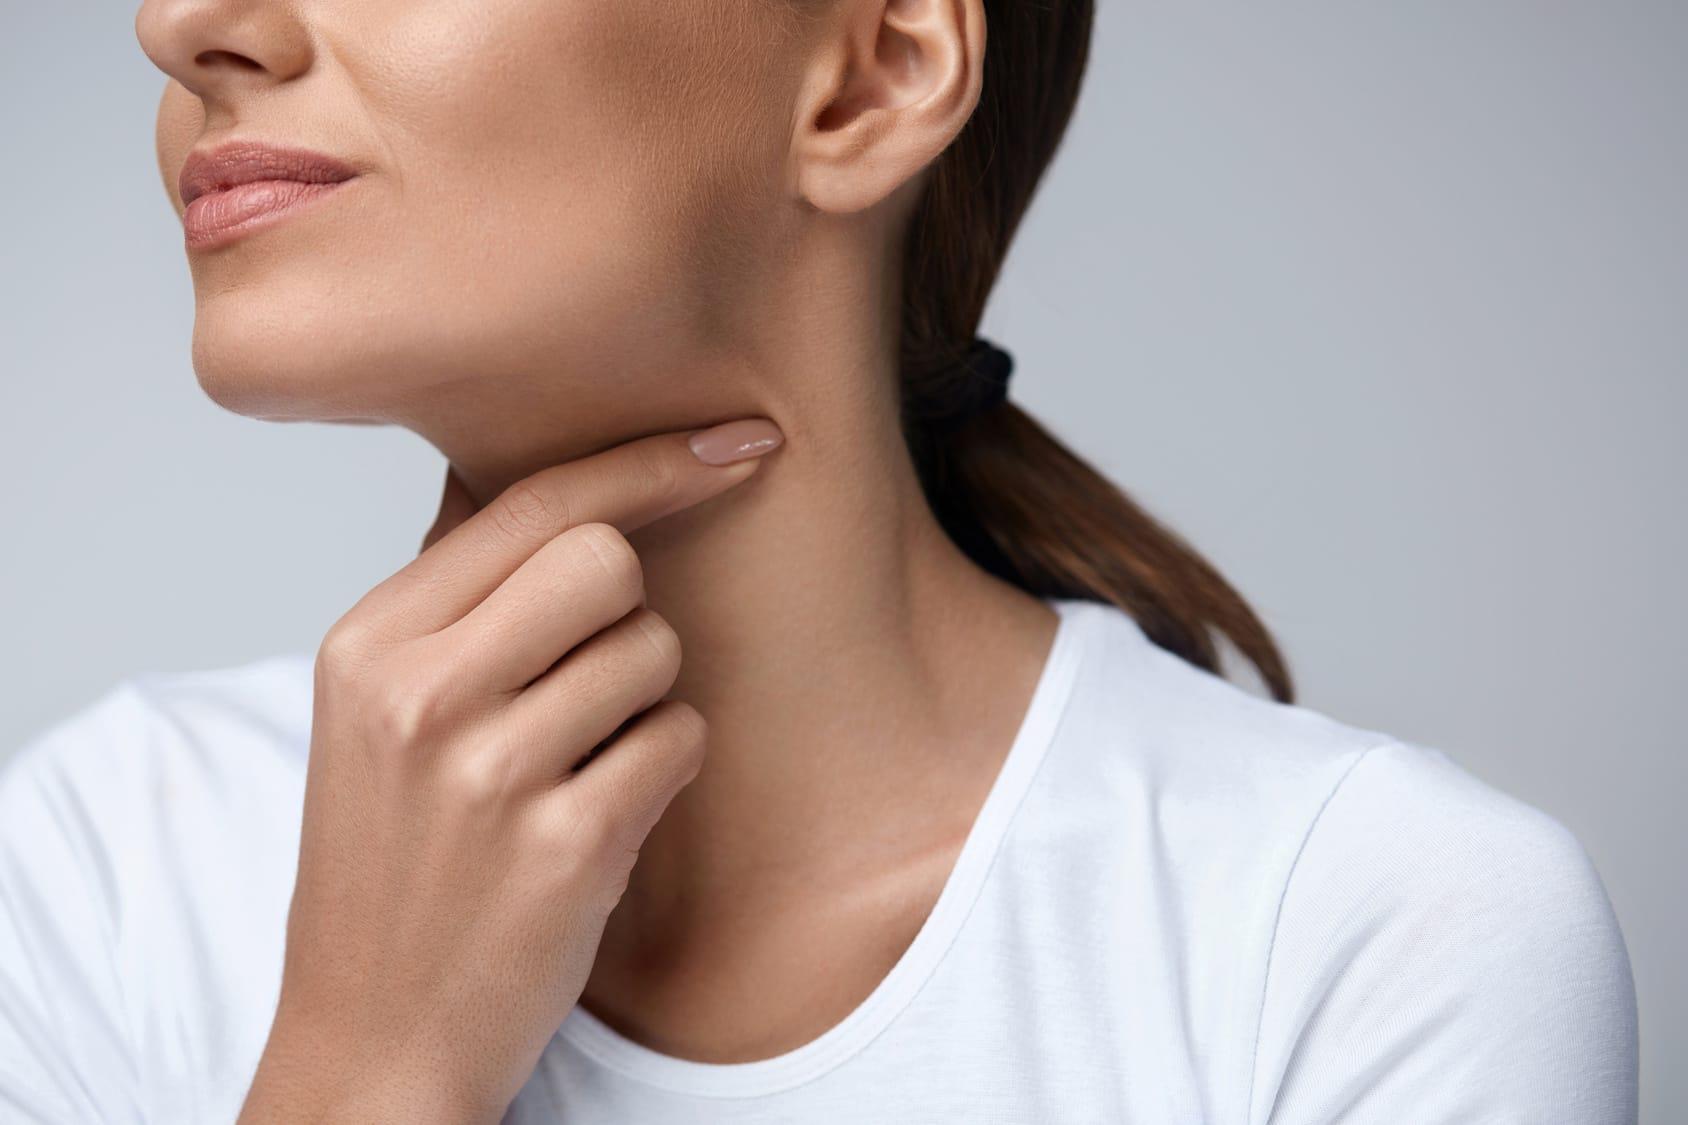 Przewlekły ból gardła - przyczyny, objawy, leczenie